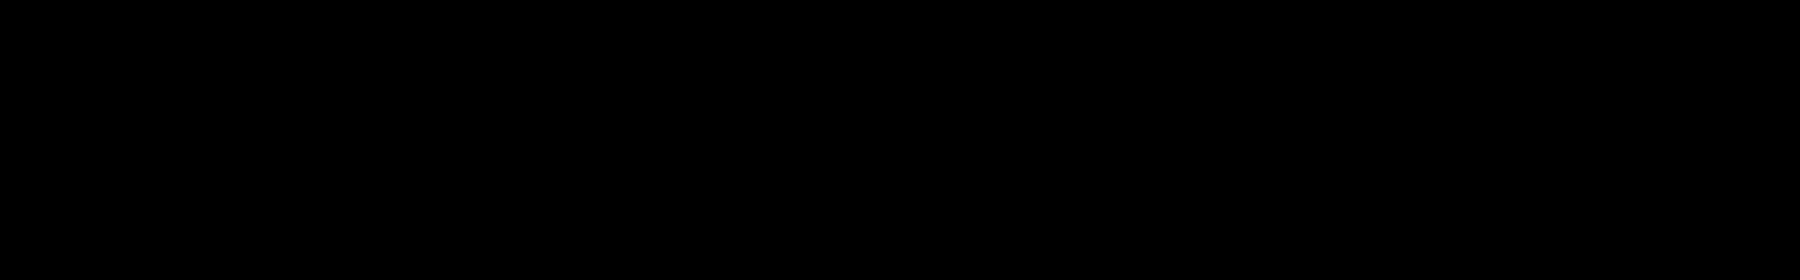 APRIL TRAP audio waveform